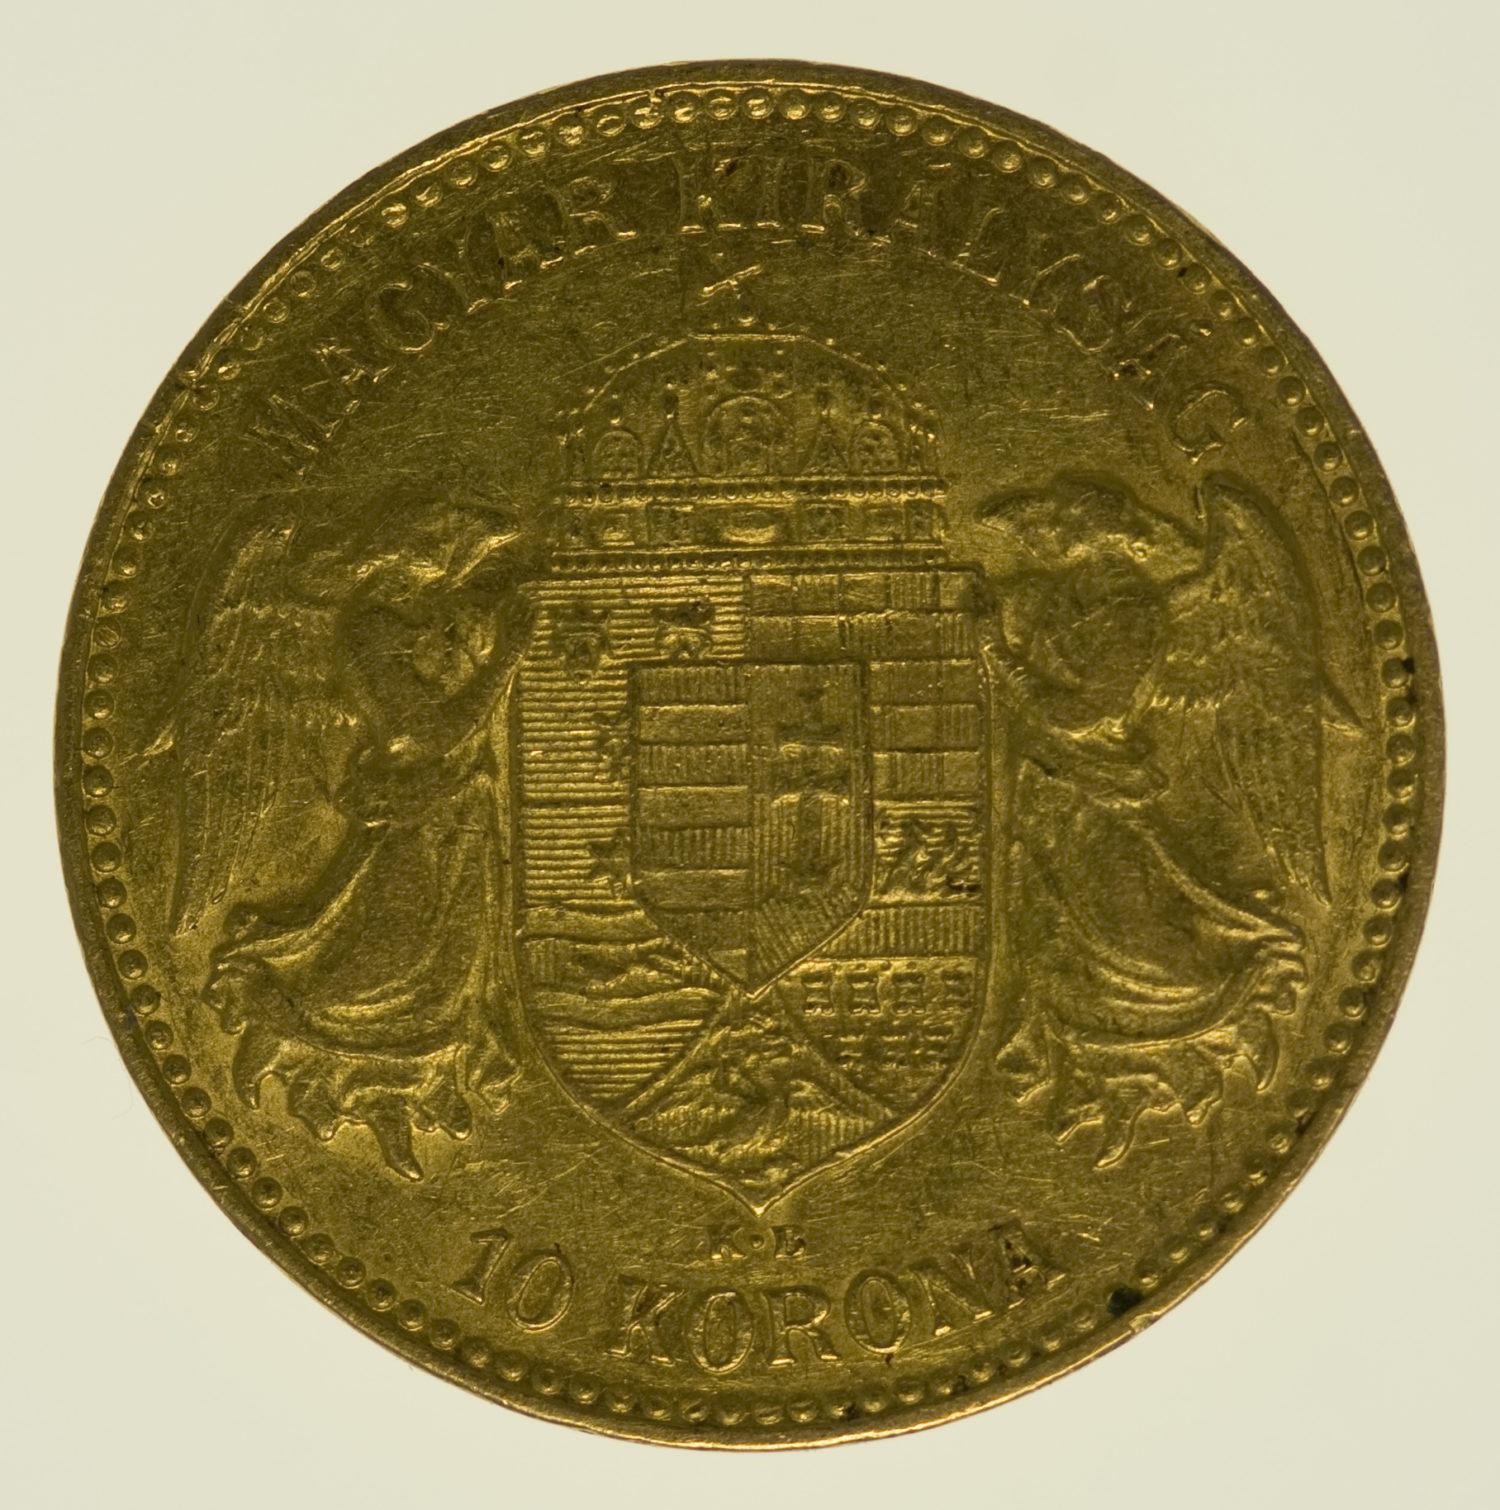 ungarn - Ungarn Franz Joseph I. 10 Kronen 1905